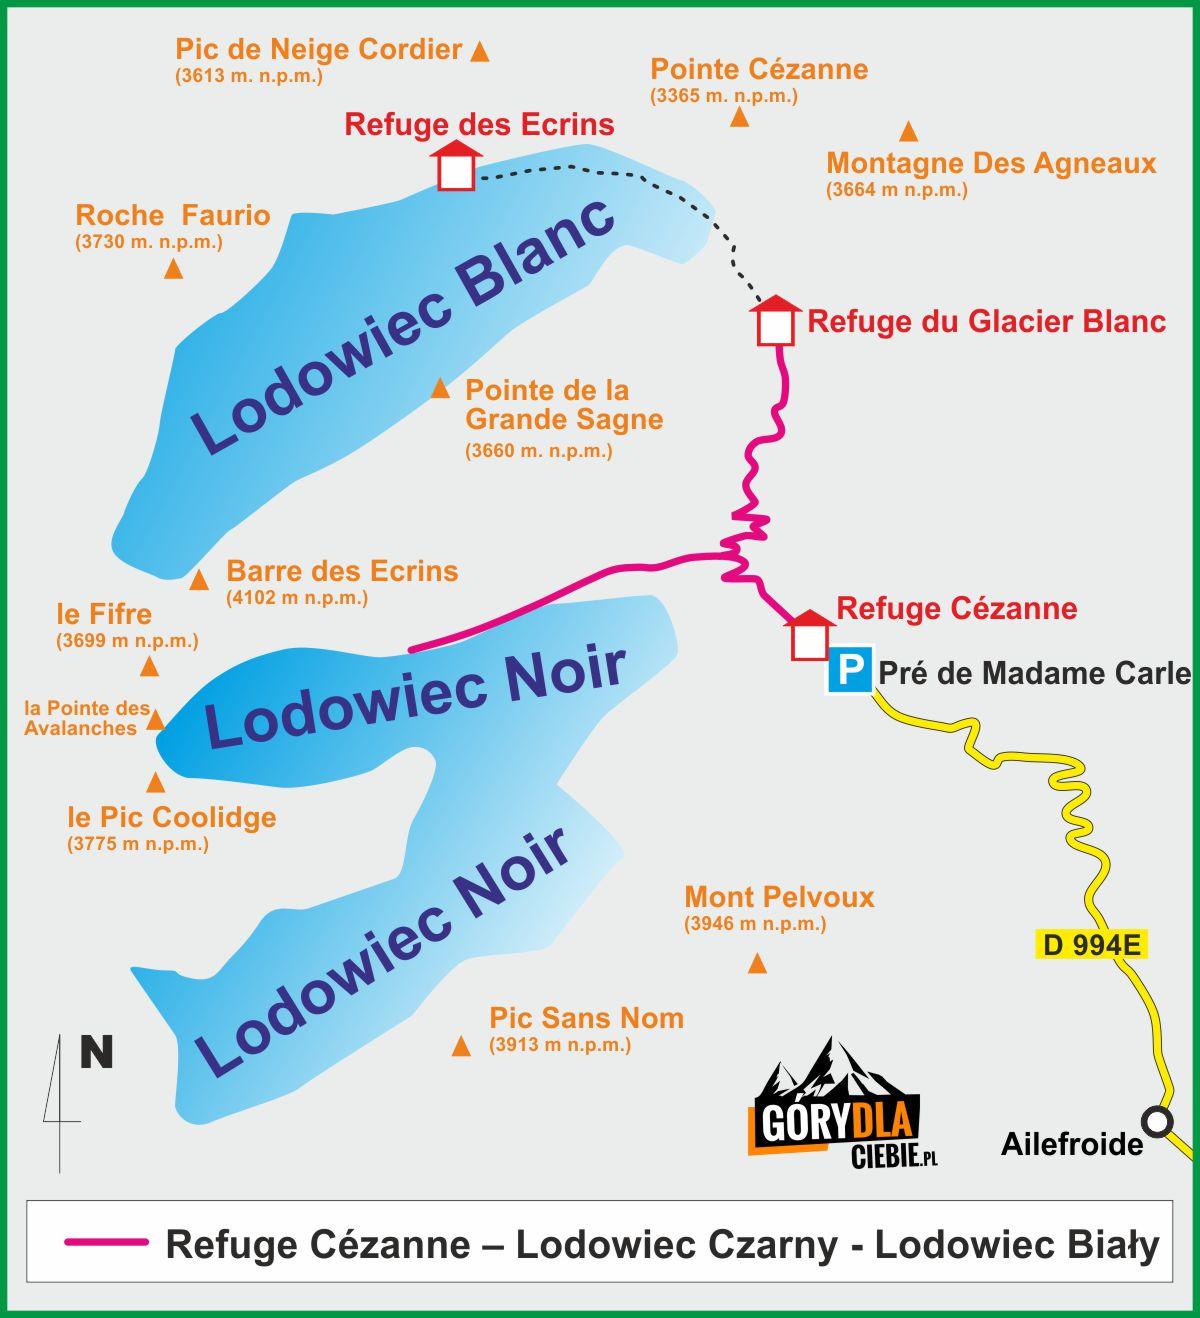 Lodowiec Czarny iLodowiec Biały - mapa